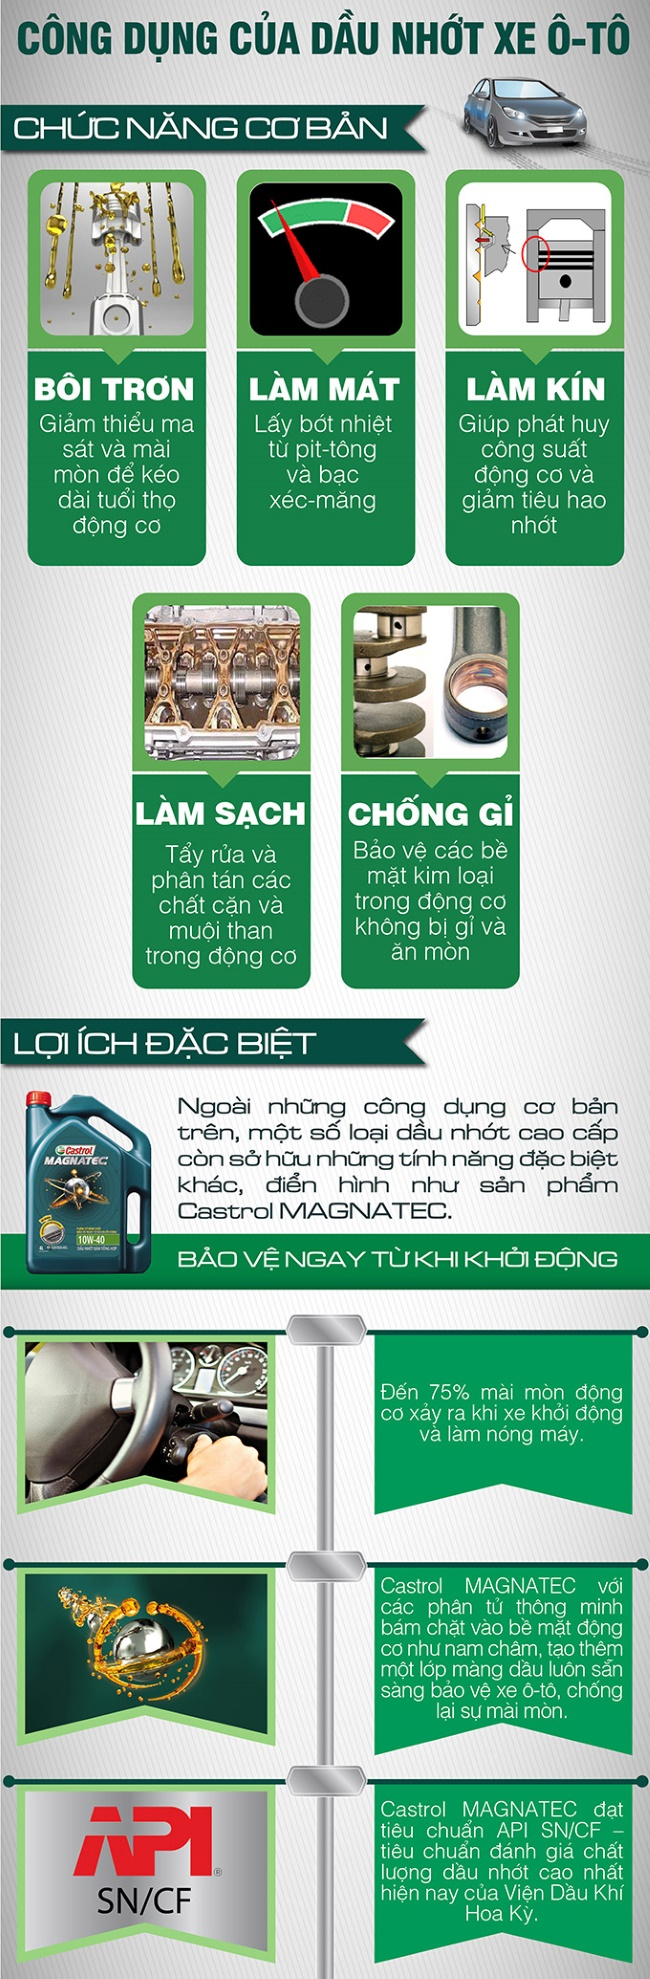 dau-nhơt-dong-co-xe-oto-infographic-1